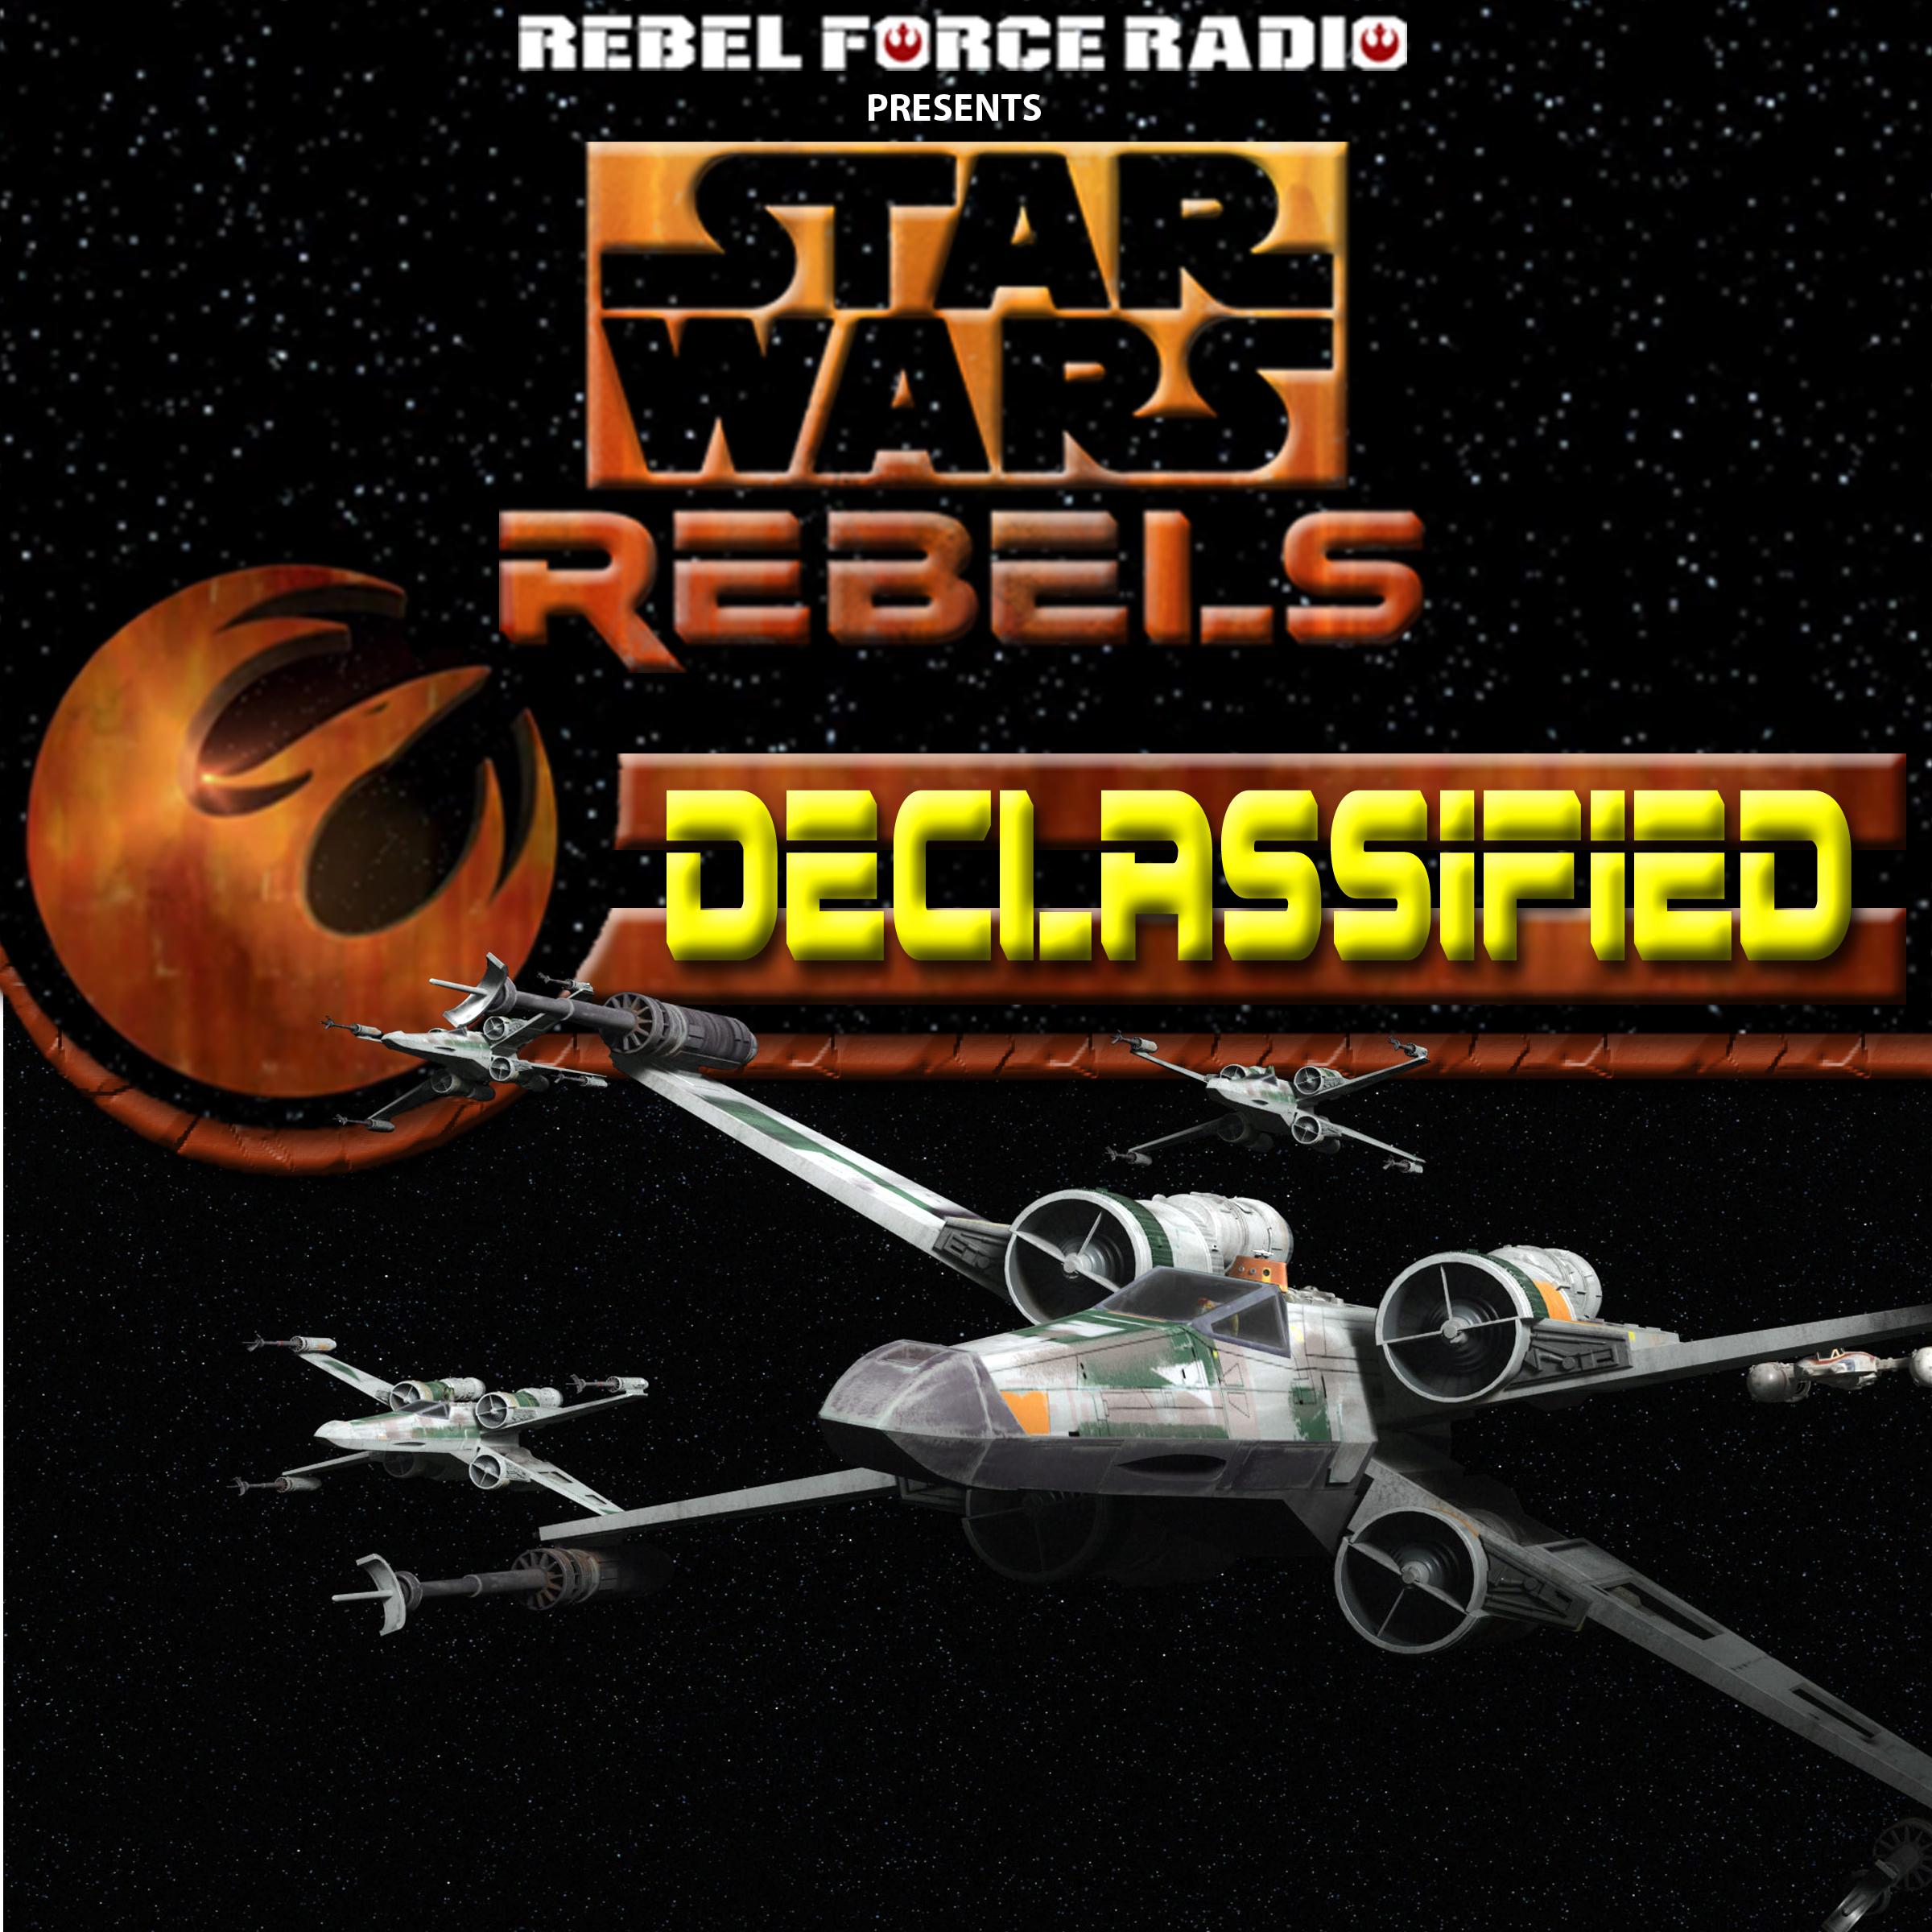 Album_Rebels_Declassified-Rebel_Assault_iTunes.jpg